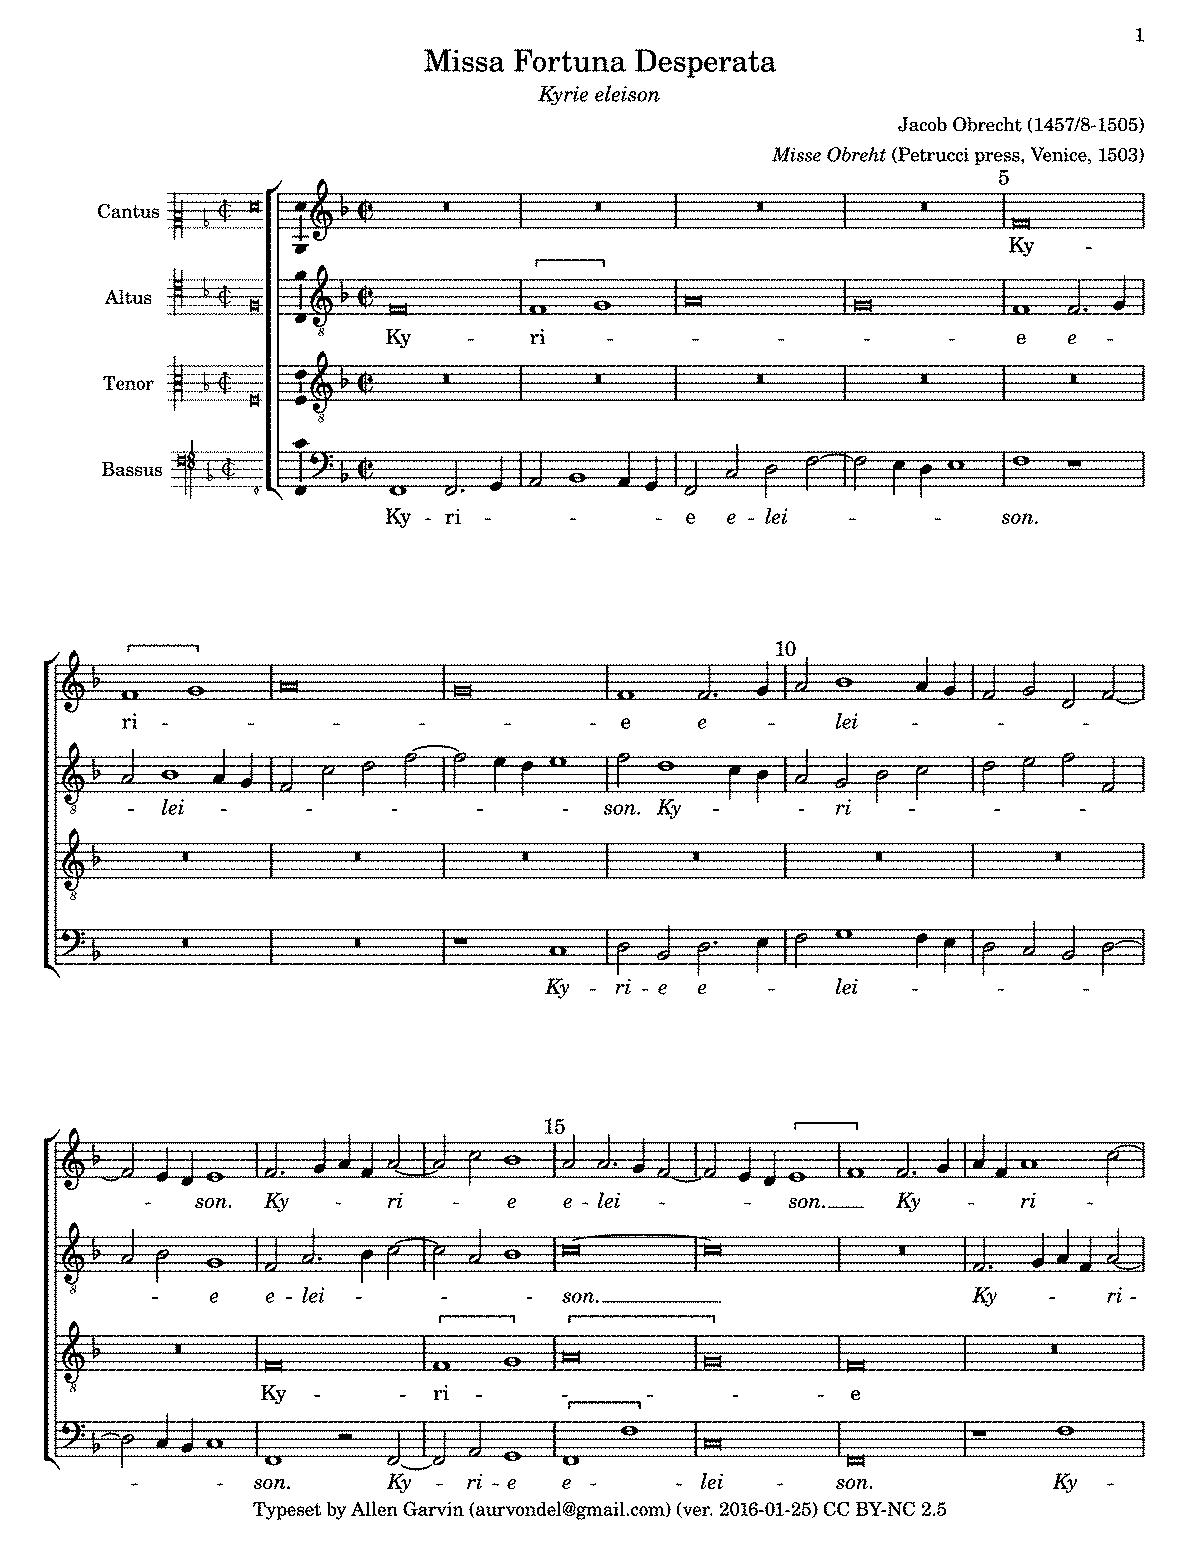 Missa Fortuna desperata di Obrecht, Kyrie